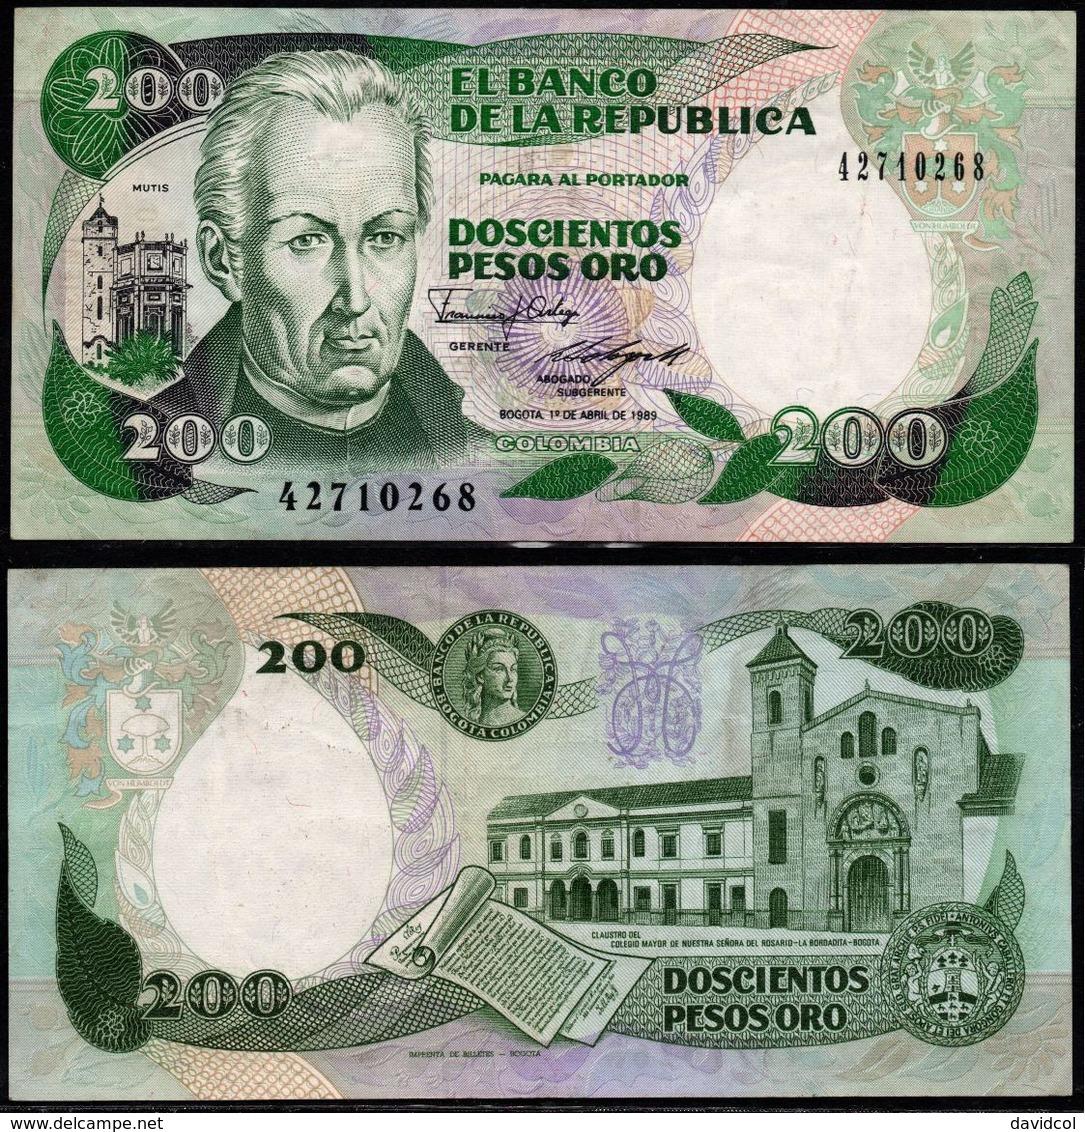 COLOMBIA - 1989- DOSCIENTOS PESOS ORO ( $ 200 ) - UNCIRCULATED. CONDITION 9/10 - Colombie